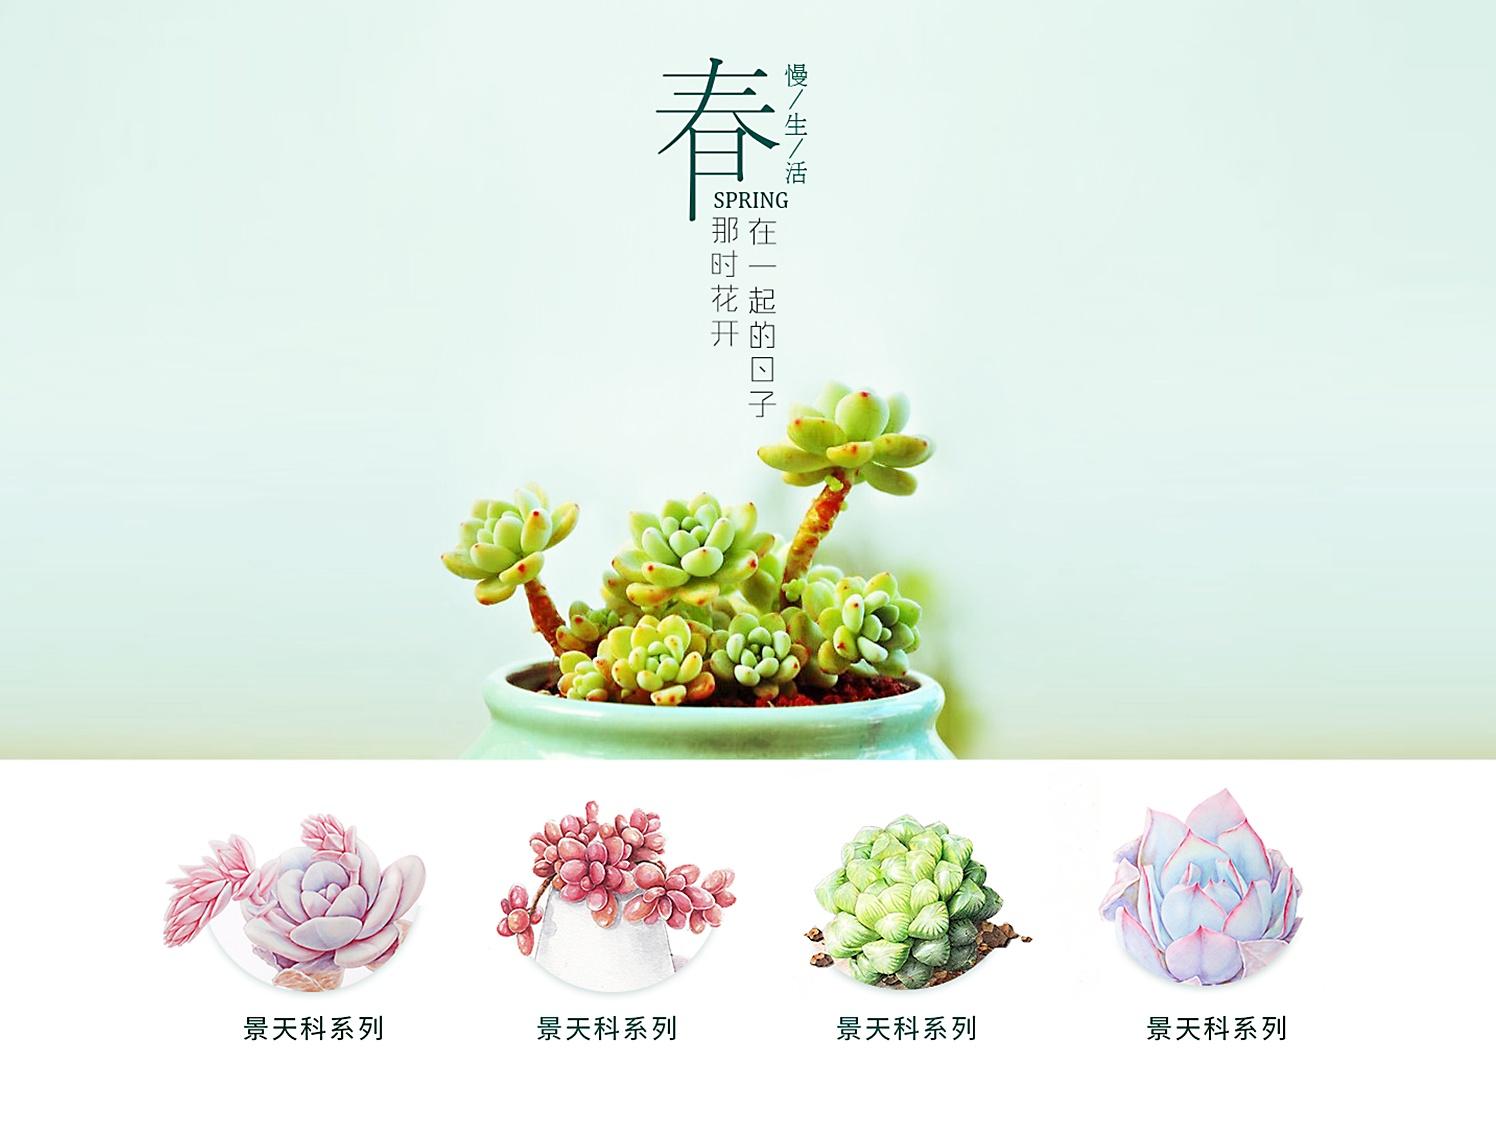 绿植海报设计图片手绘